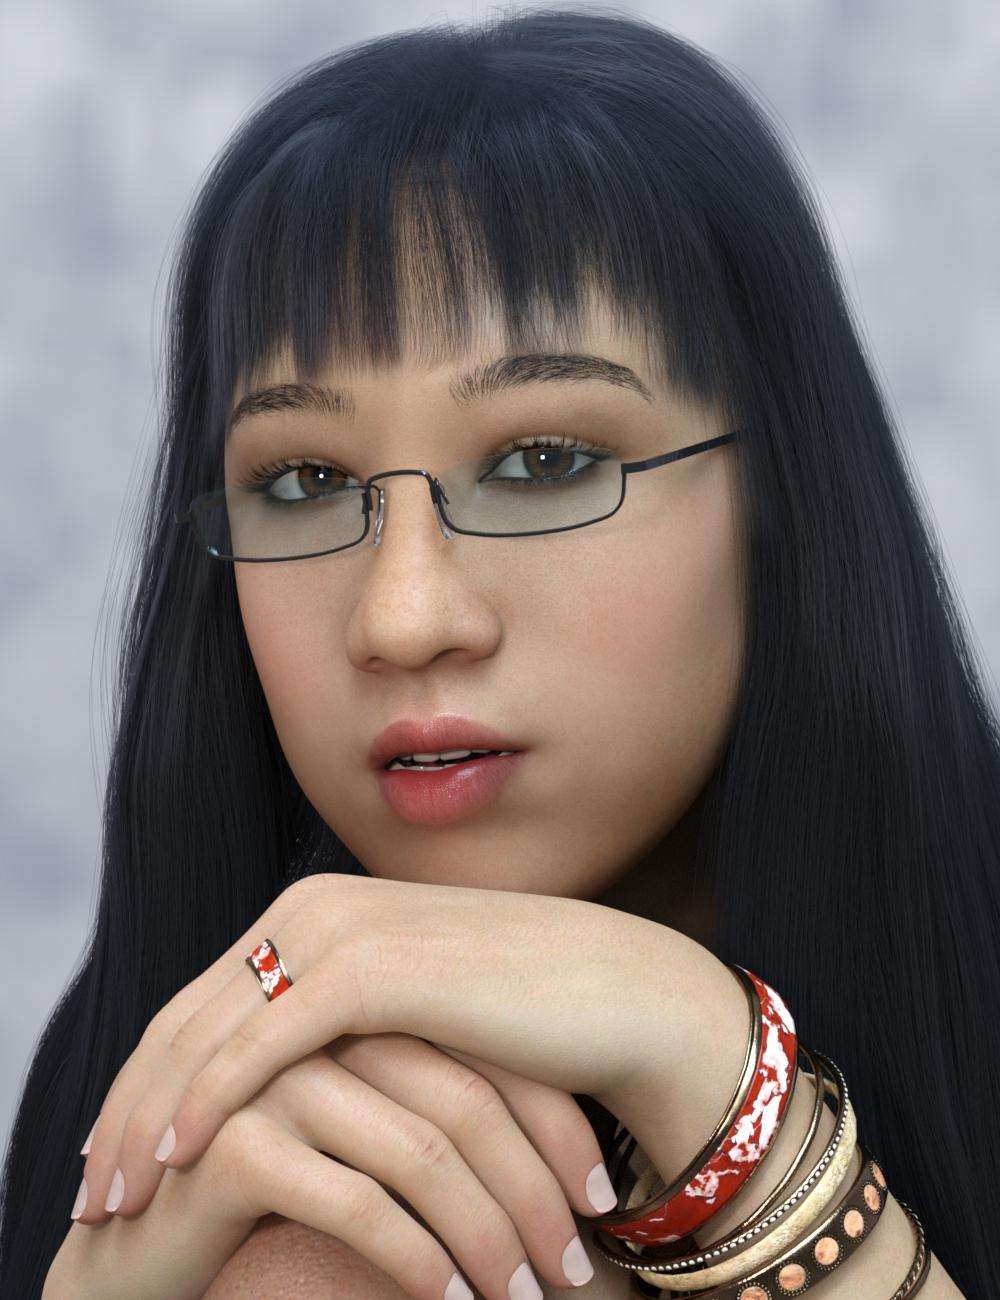 Reizi for Genesis 8 Female by: Warloc, 3D Models by Daz 3D